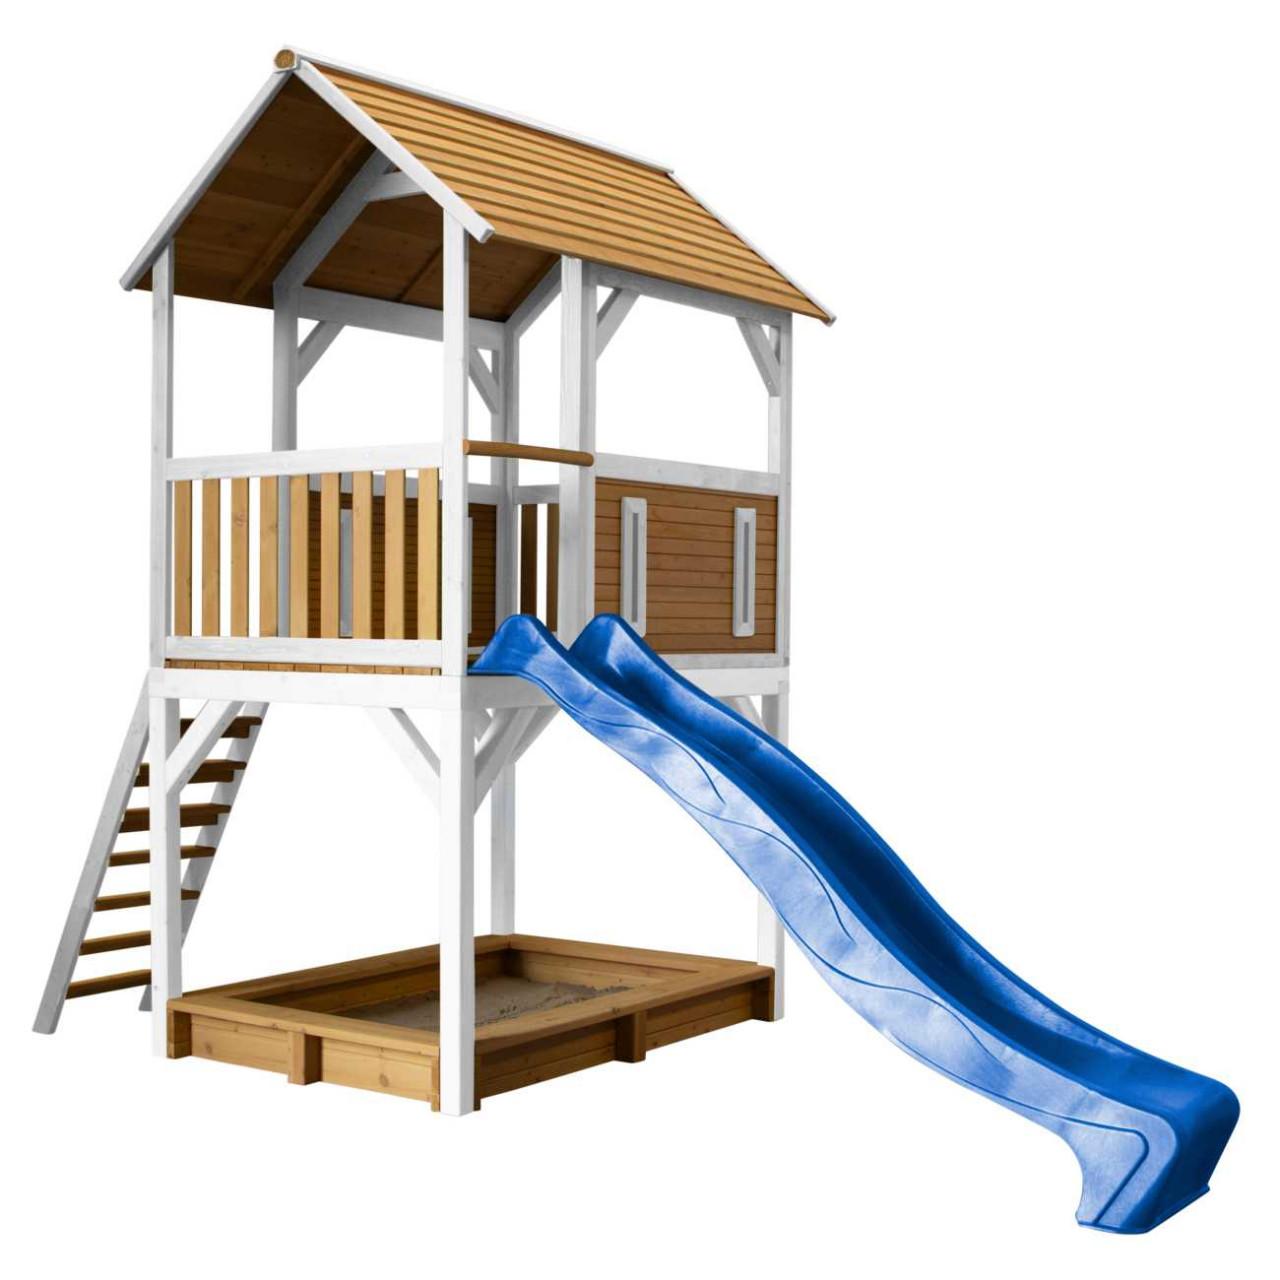 Spielturm Pumba, Kinder Spielturm, Spielhaus, Garten